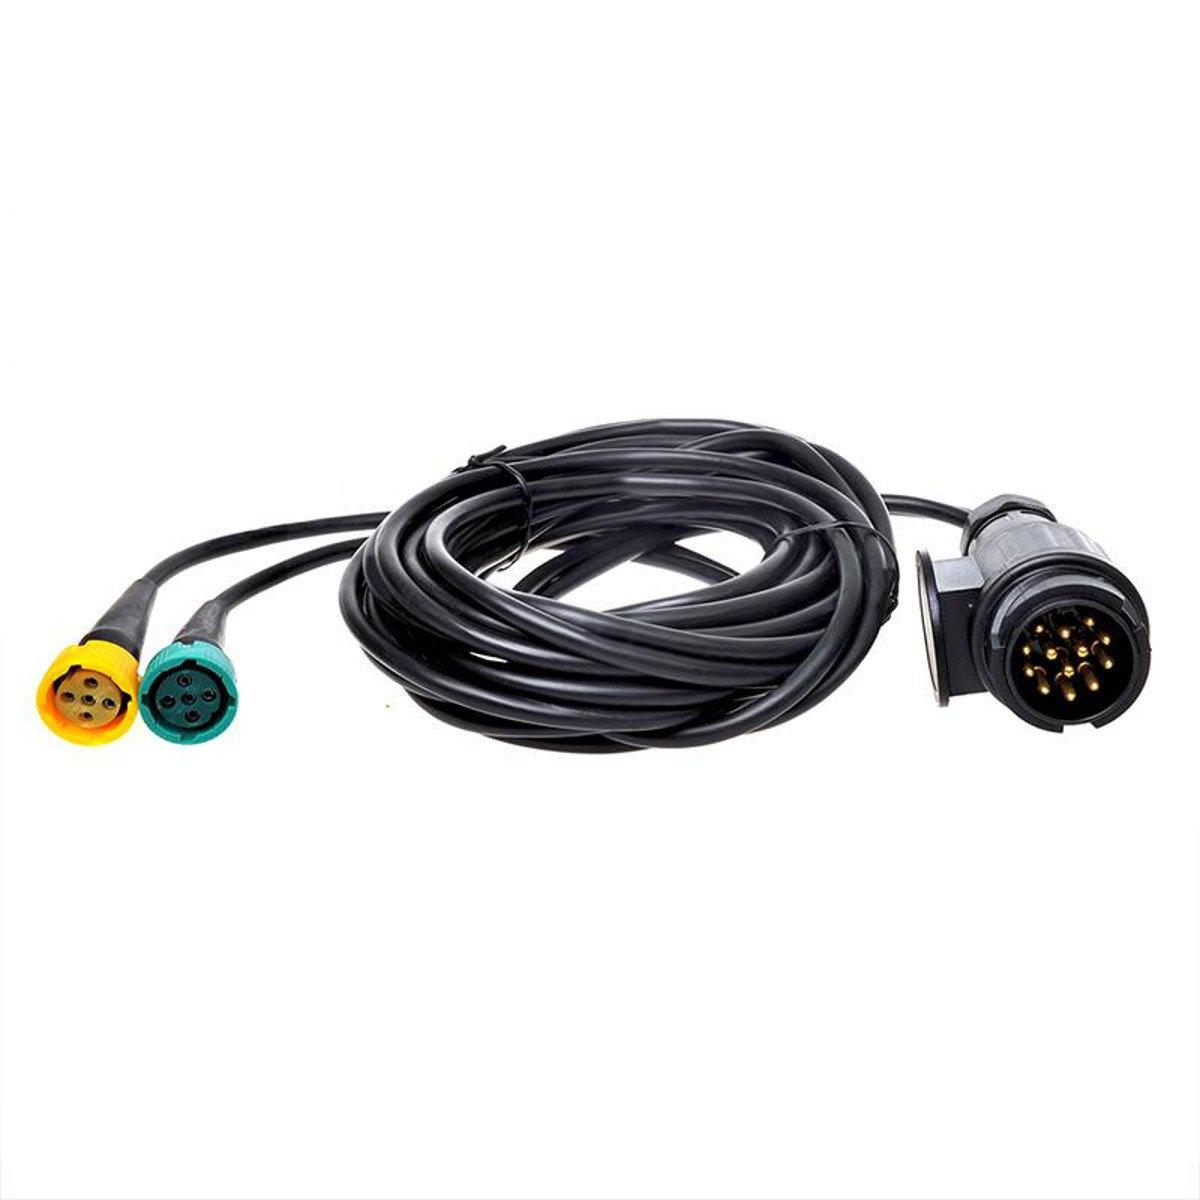 Cable de 5 m con conector de 13 pines y 2 x Conector de 5 pines 343088 PAT Europe BV